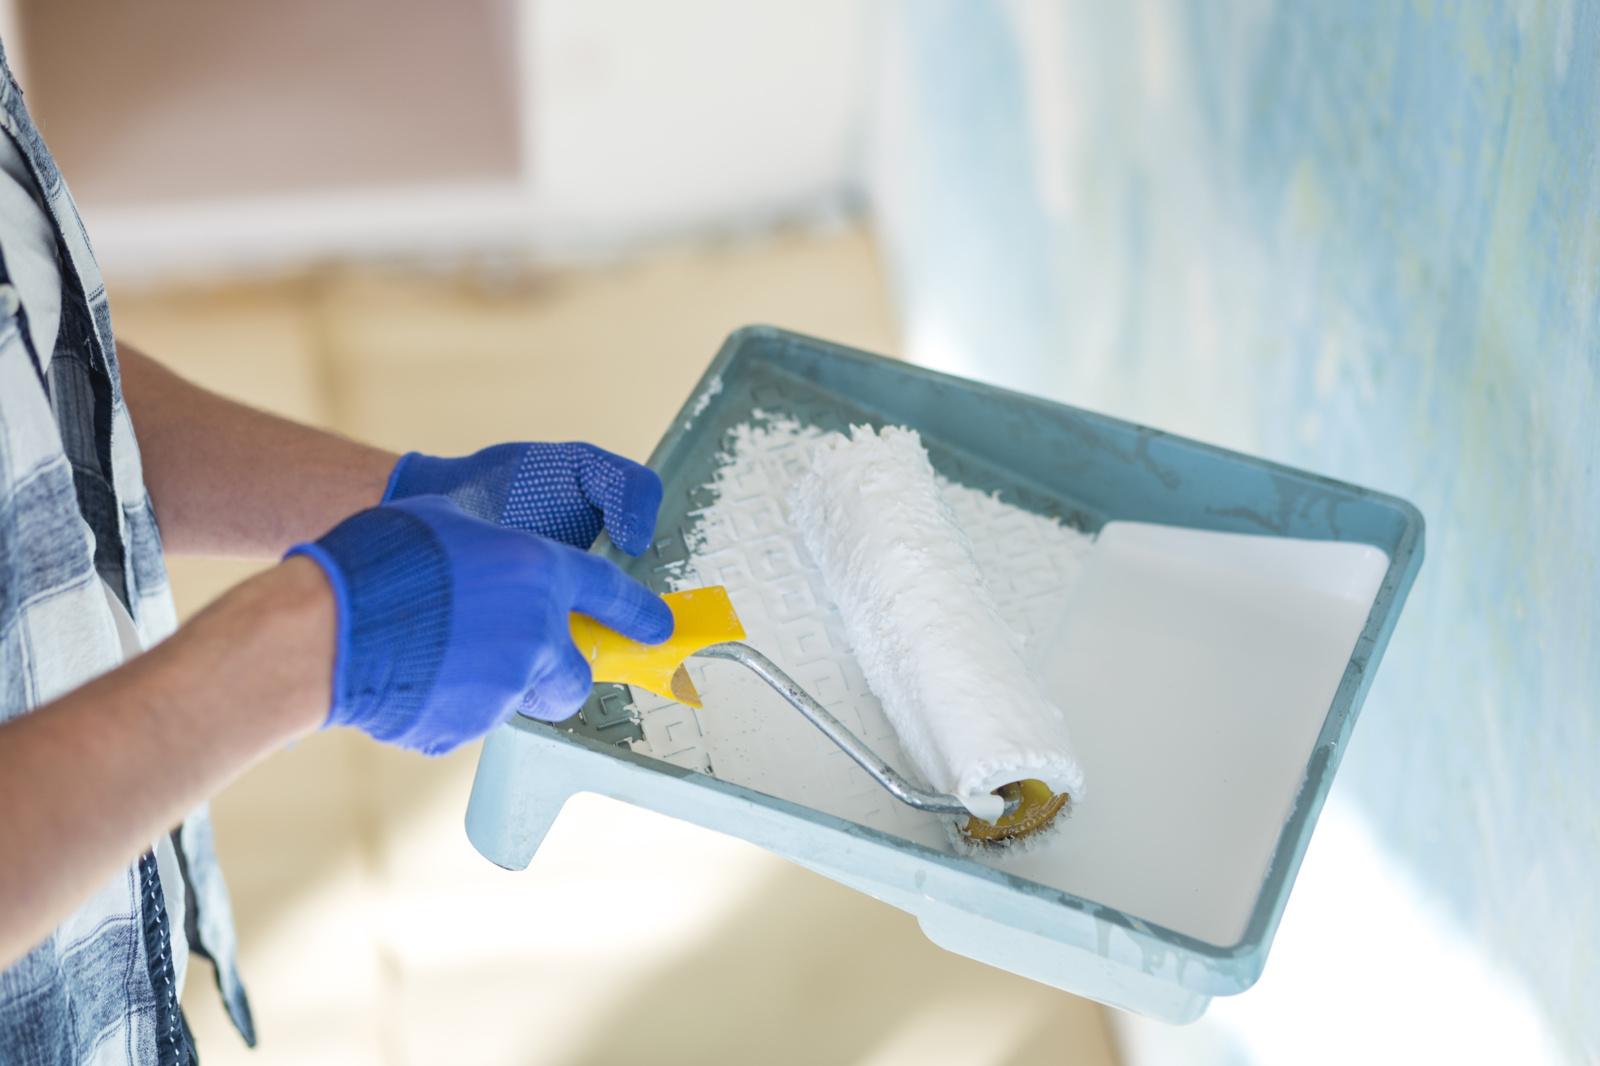 Savarankiškai atliekami apdailos darbai – ką būtina žinoti?